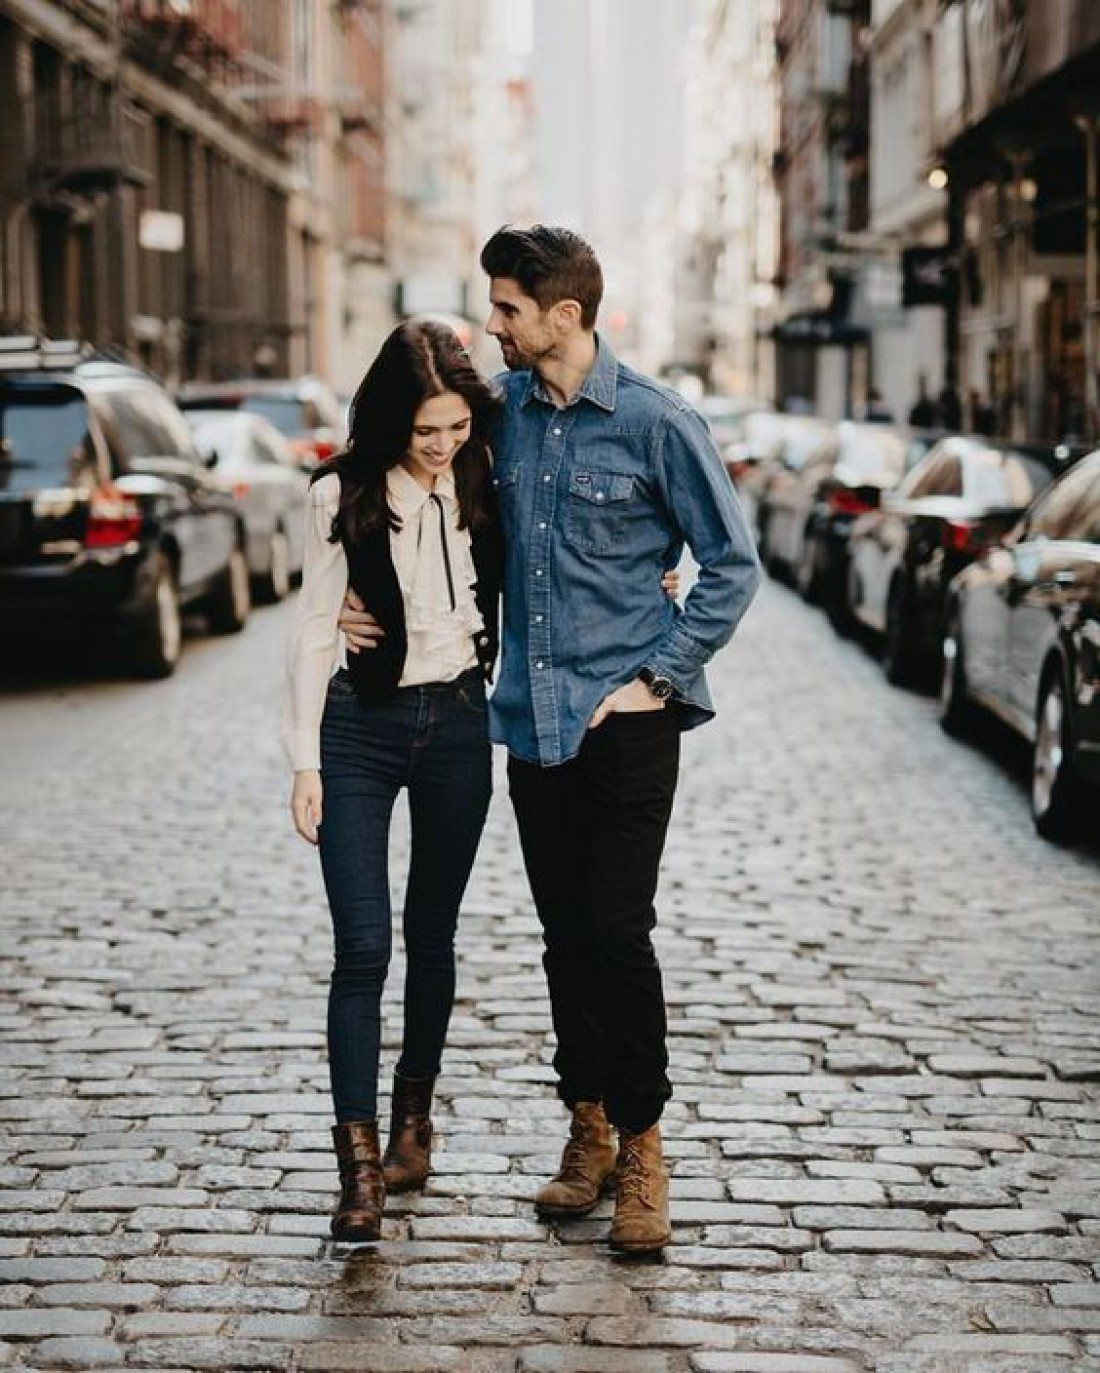 Бесприданница: Есть ли шанс на удачный брак?